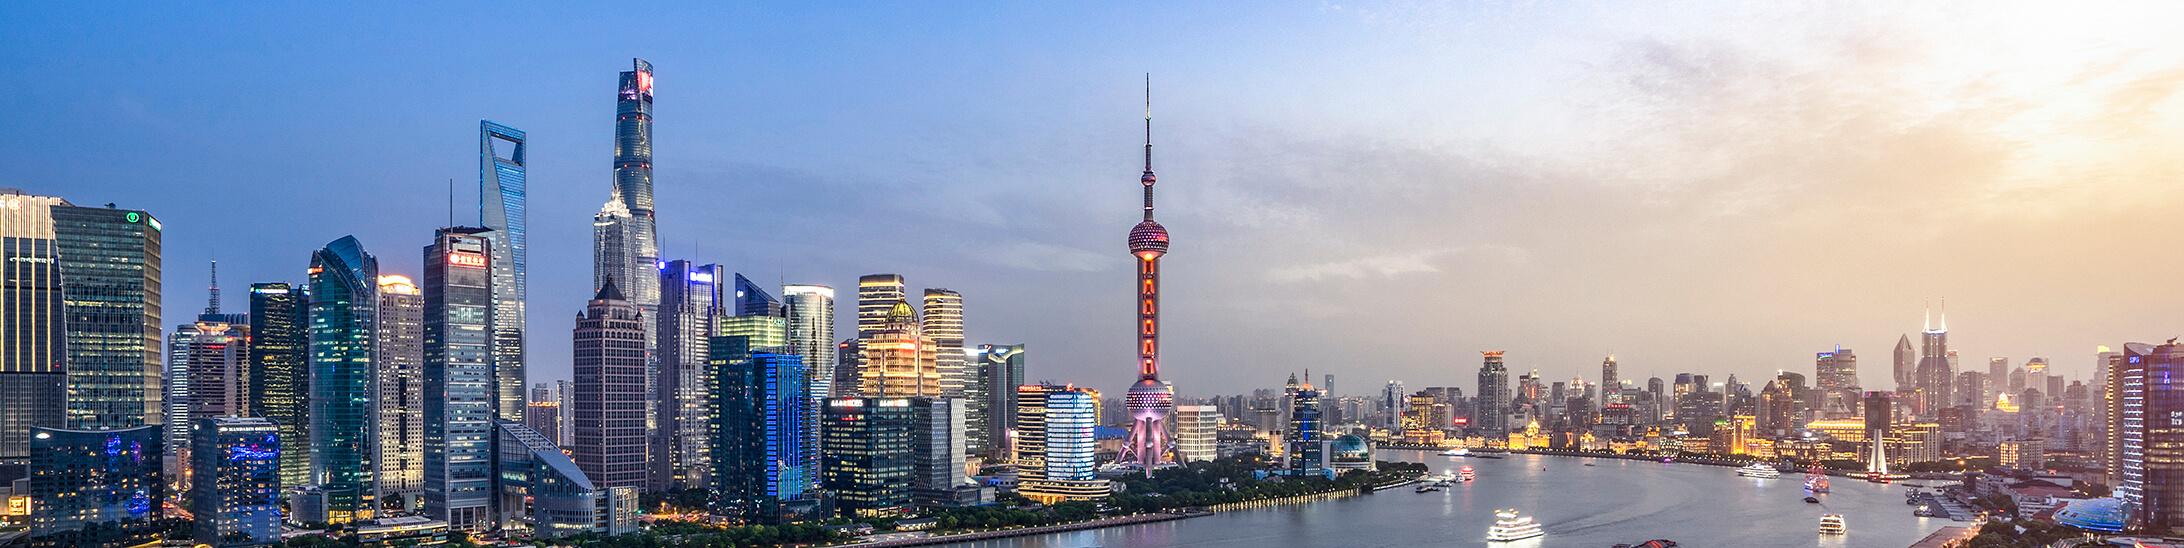 上海市 <br/> 大学生就业见习基地